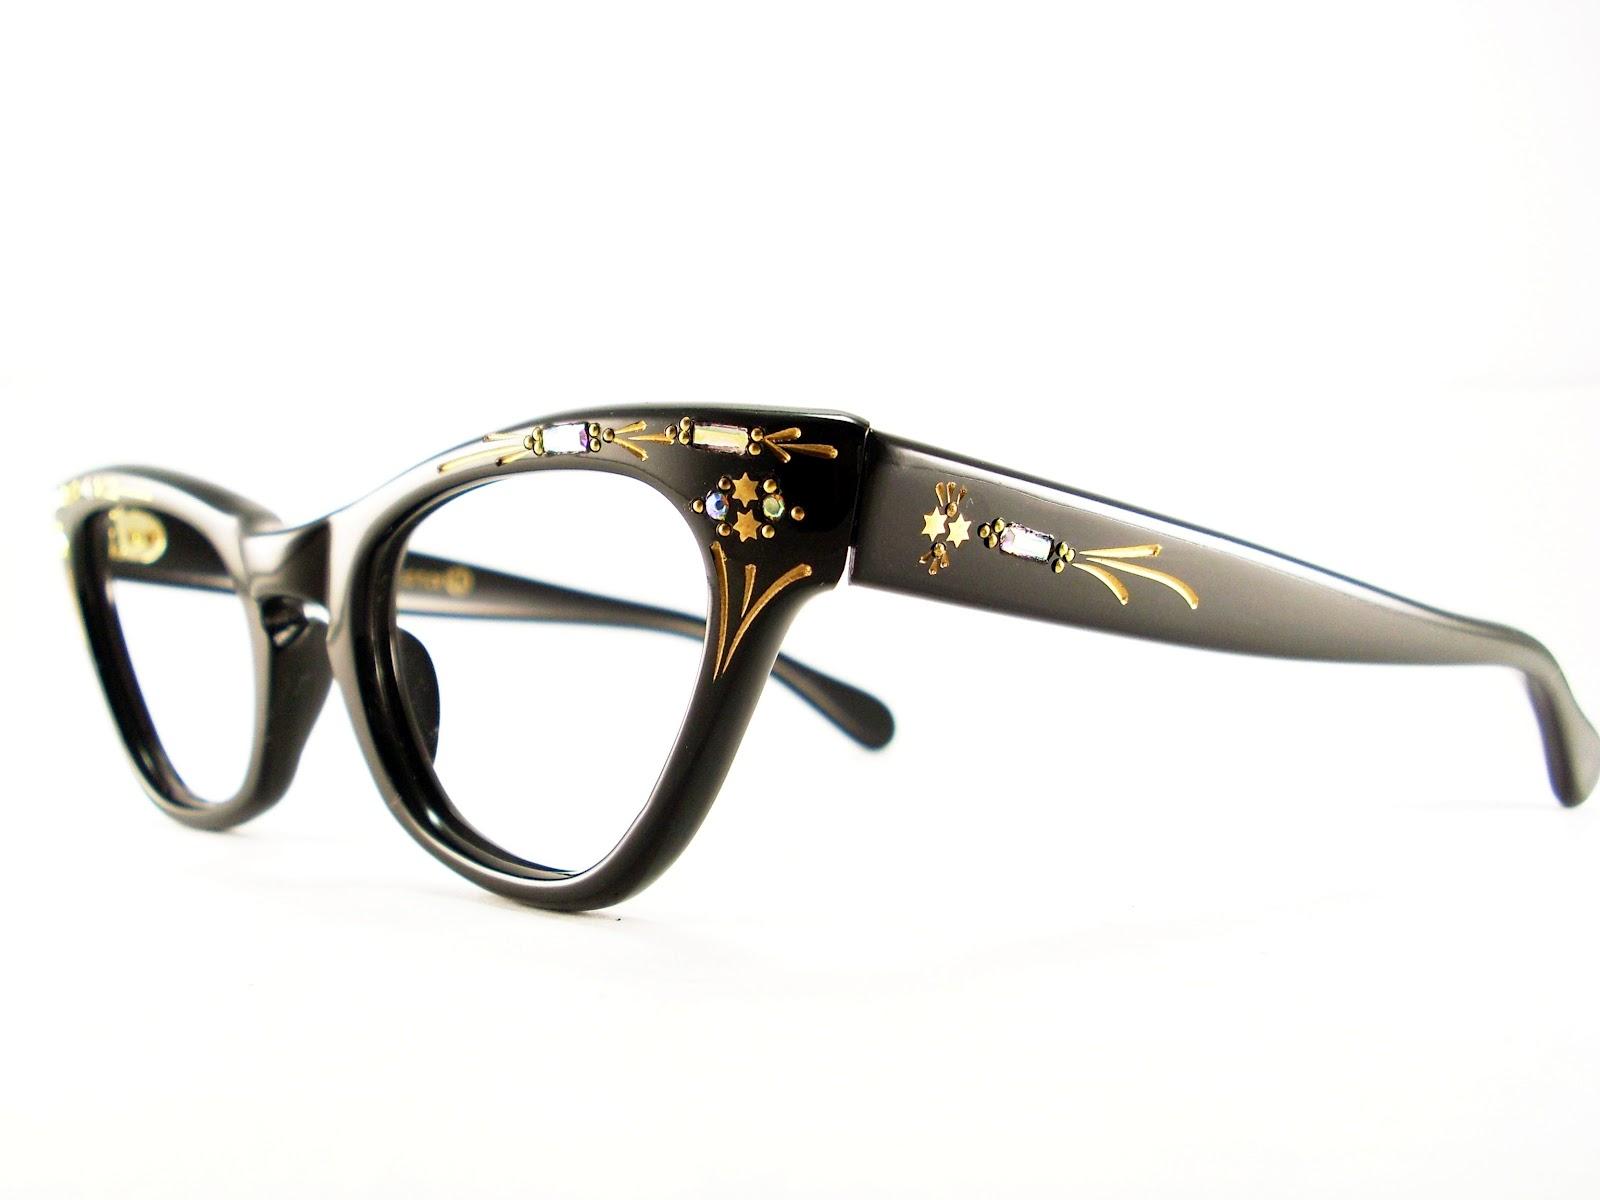 Vintage Eyeglasses Frames Eyewear Sunglasses 50S: CAT EYE ...